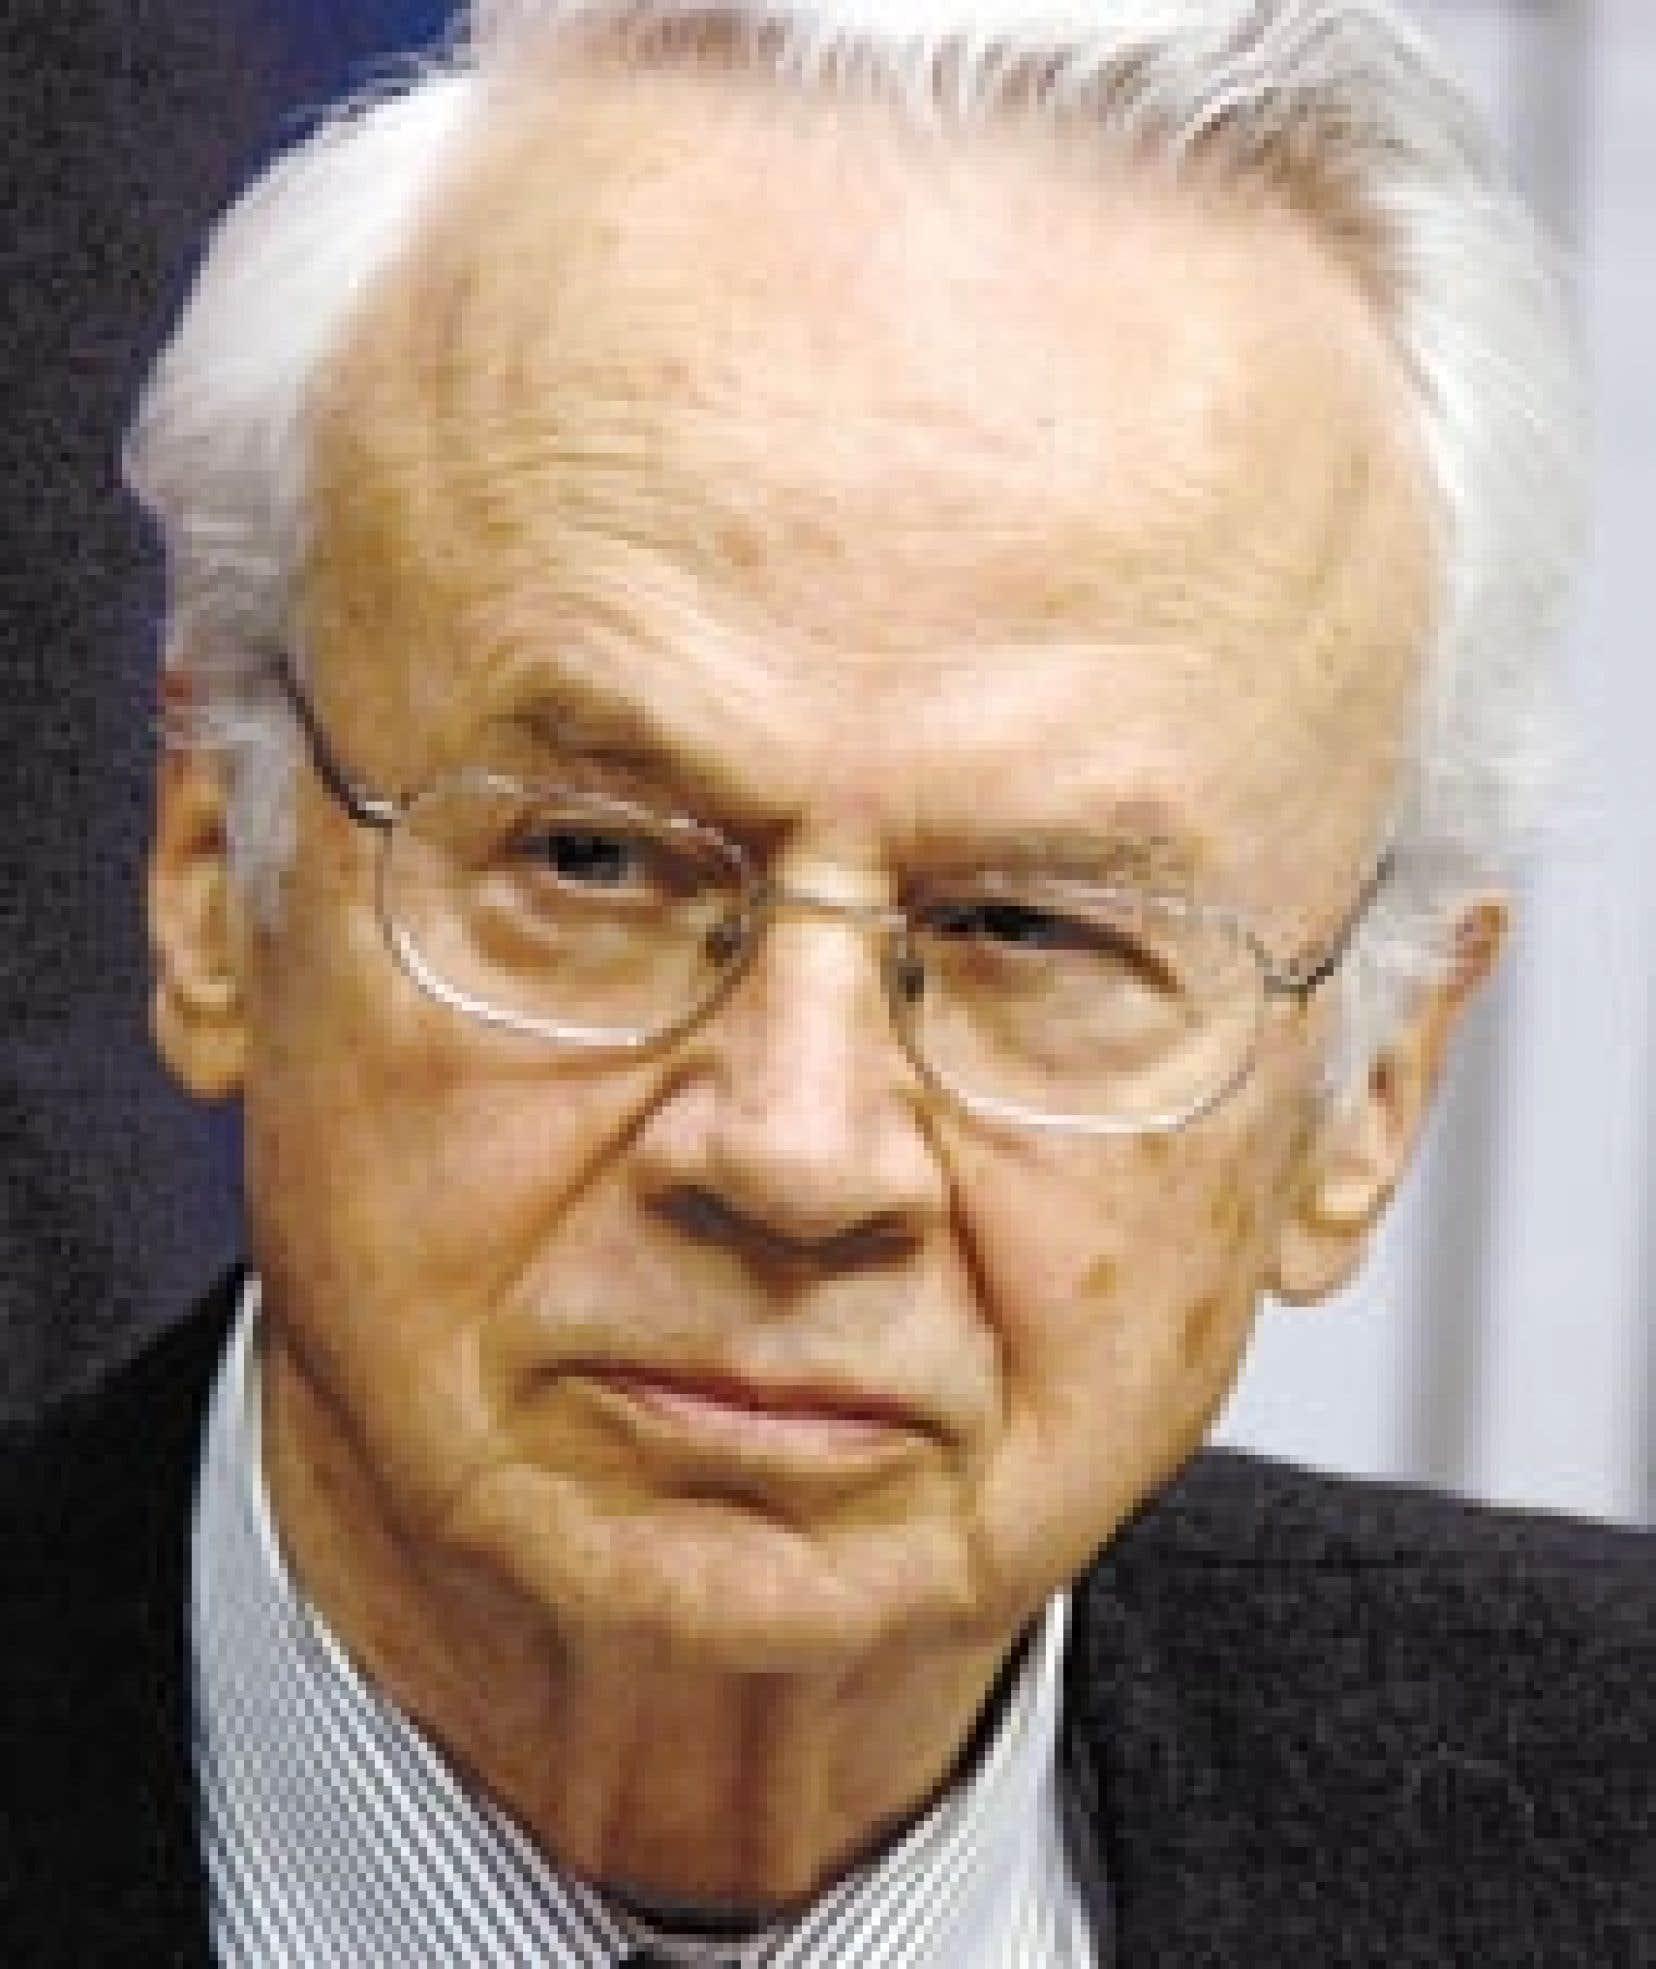 Jacques Corriveau, qui s'est décrit comme un designer de réputation internationale, semblait sur la défensive.